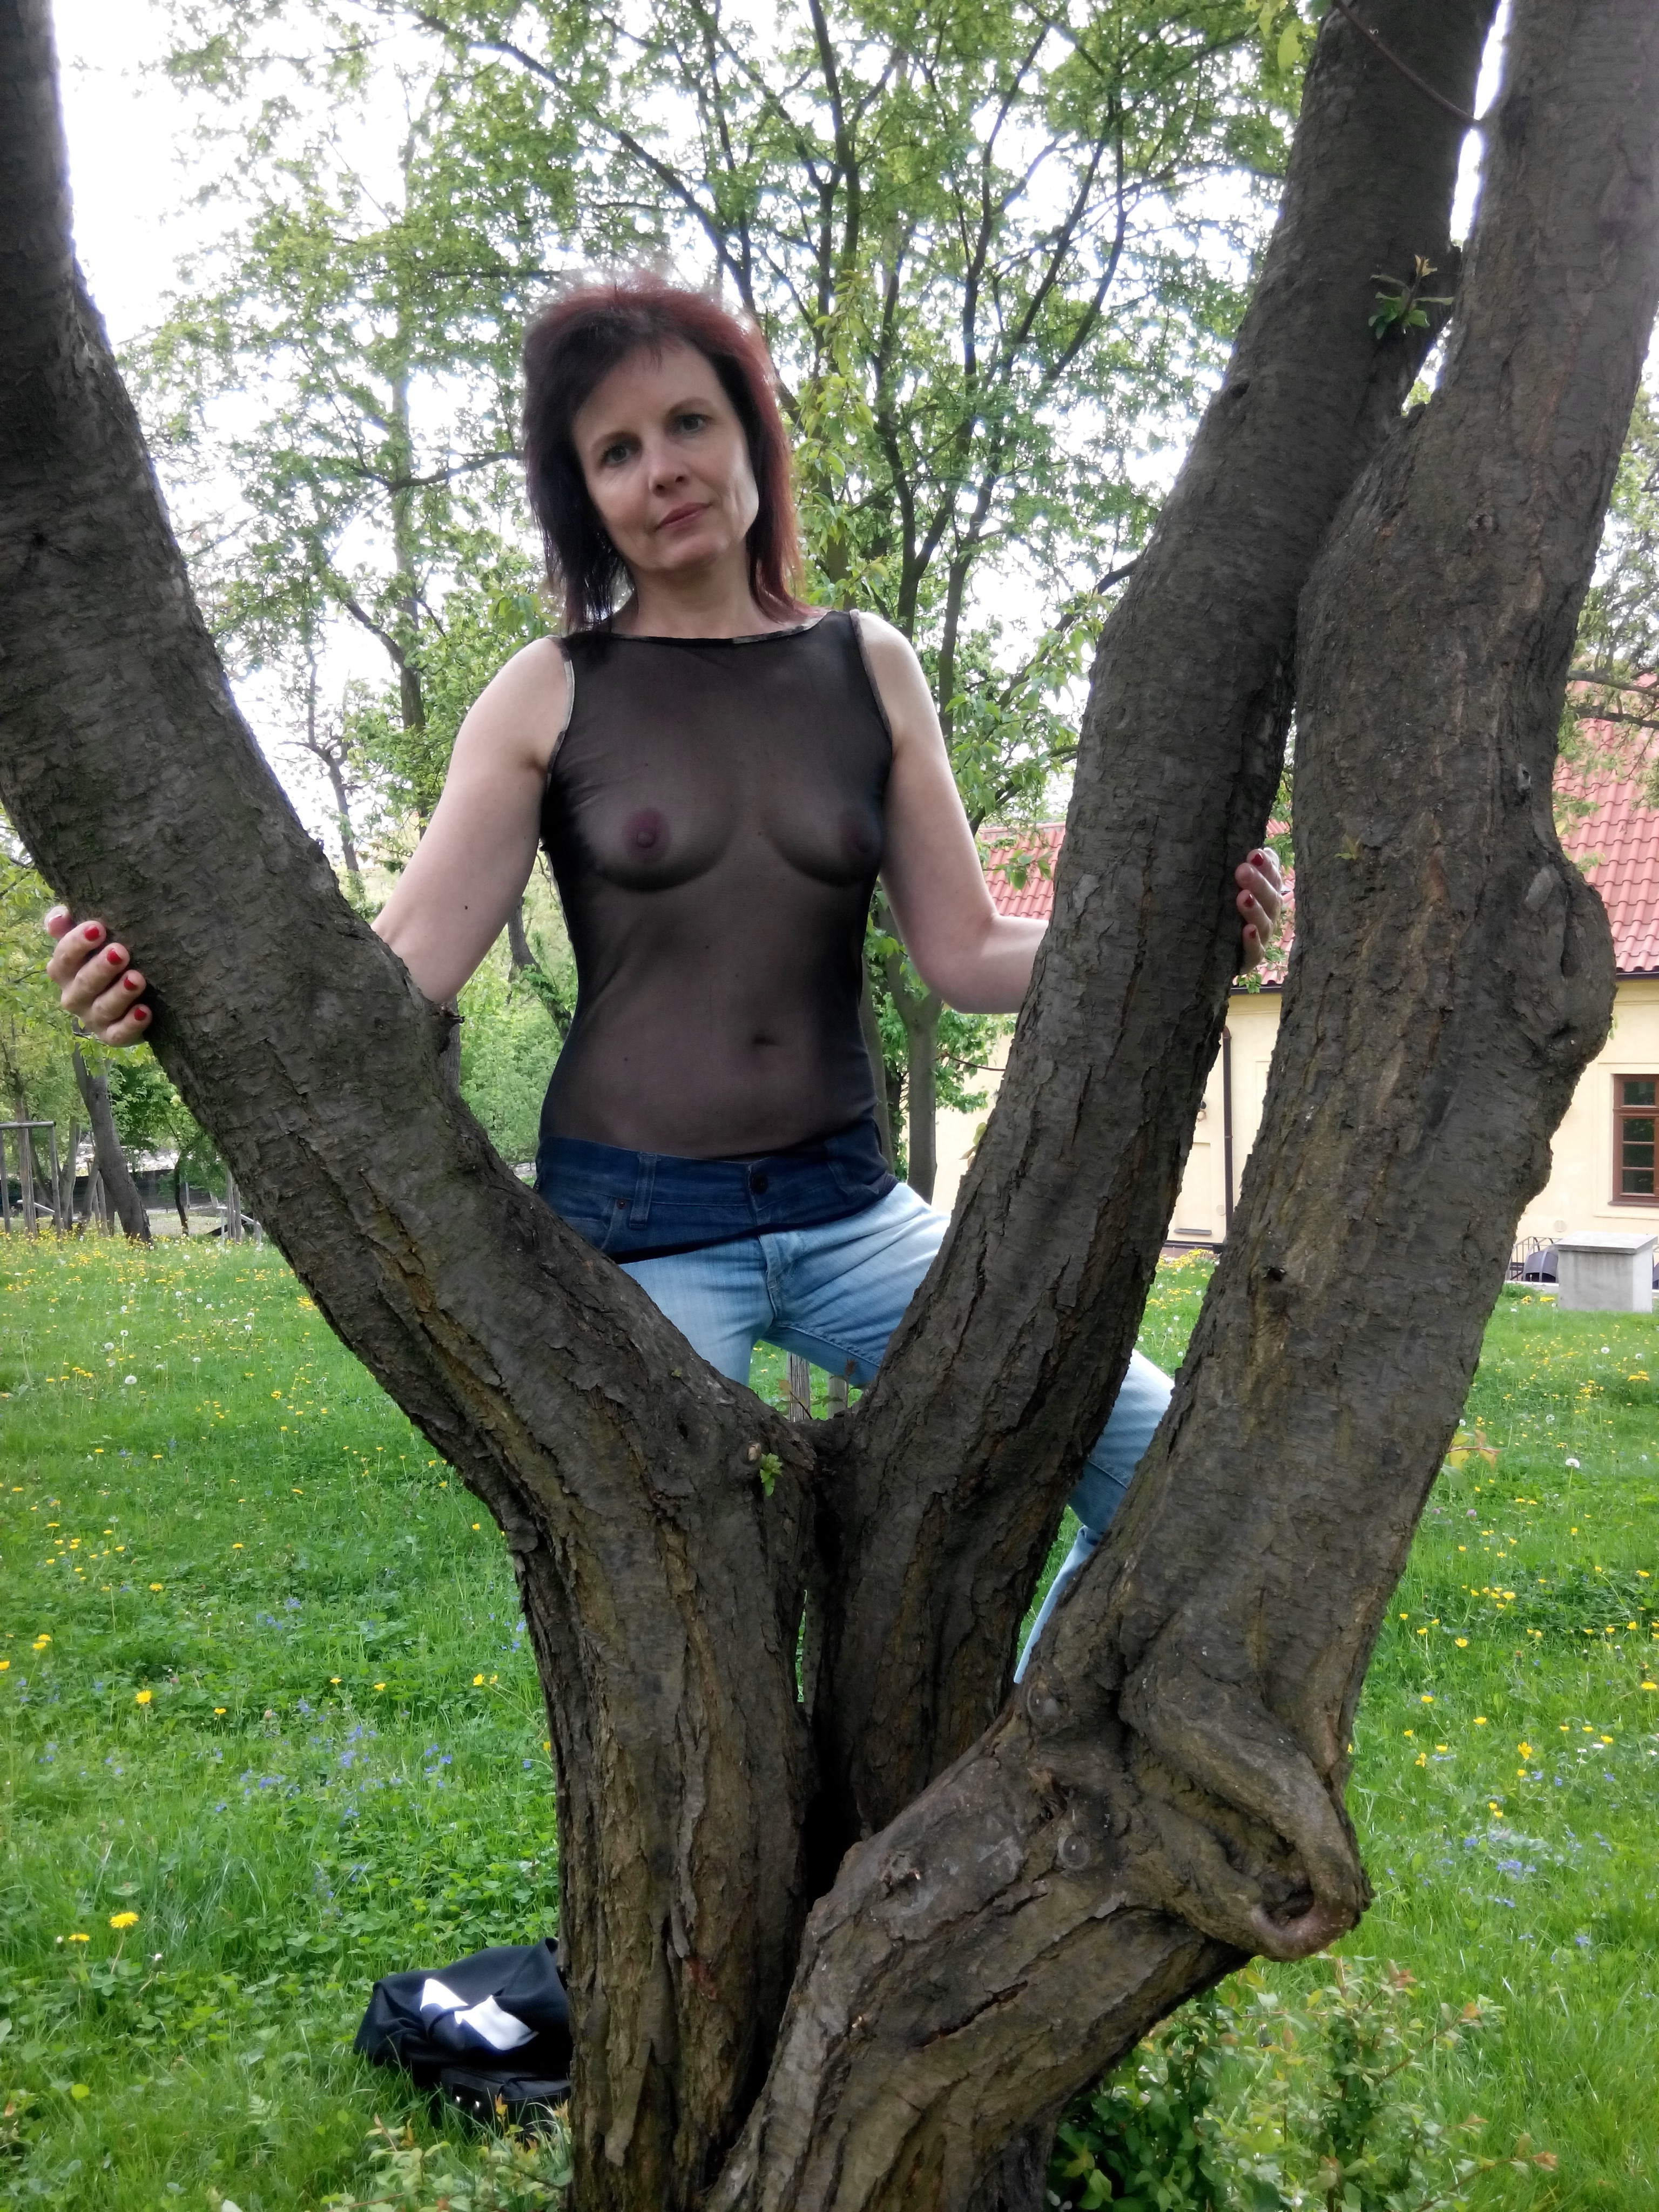 Пожилая стройная женщина из Праги